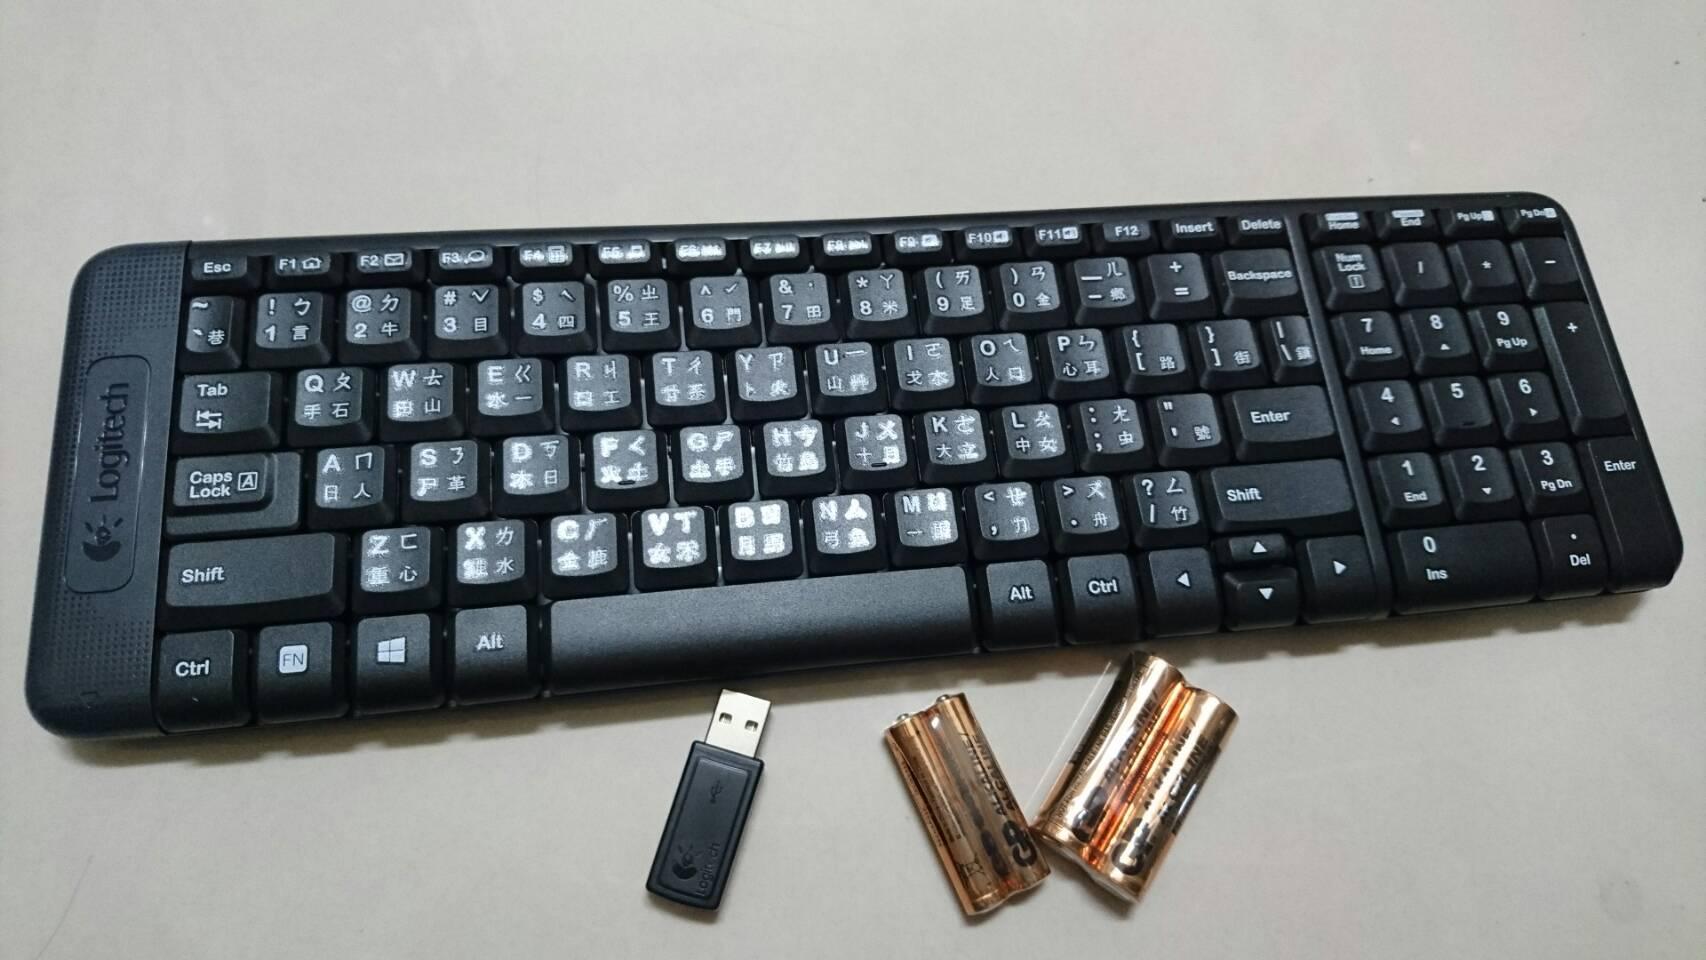 ❤含發票❤團購價❤第一品牌❤有注音❤羅技無線鍵盤滑鼠組❤電競滑鼠電競鍵盤❤桌上型電腦❤筆記型電腦❤LOL英雄聯盟mk220 9